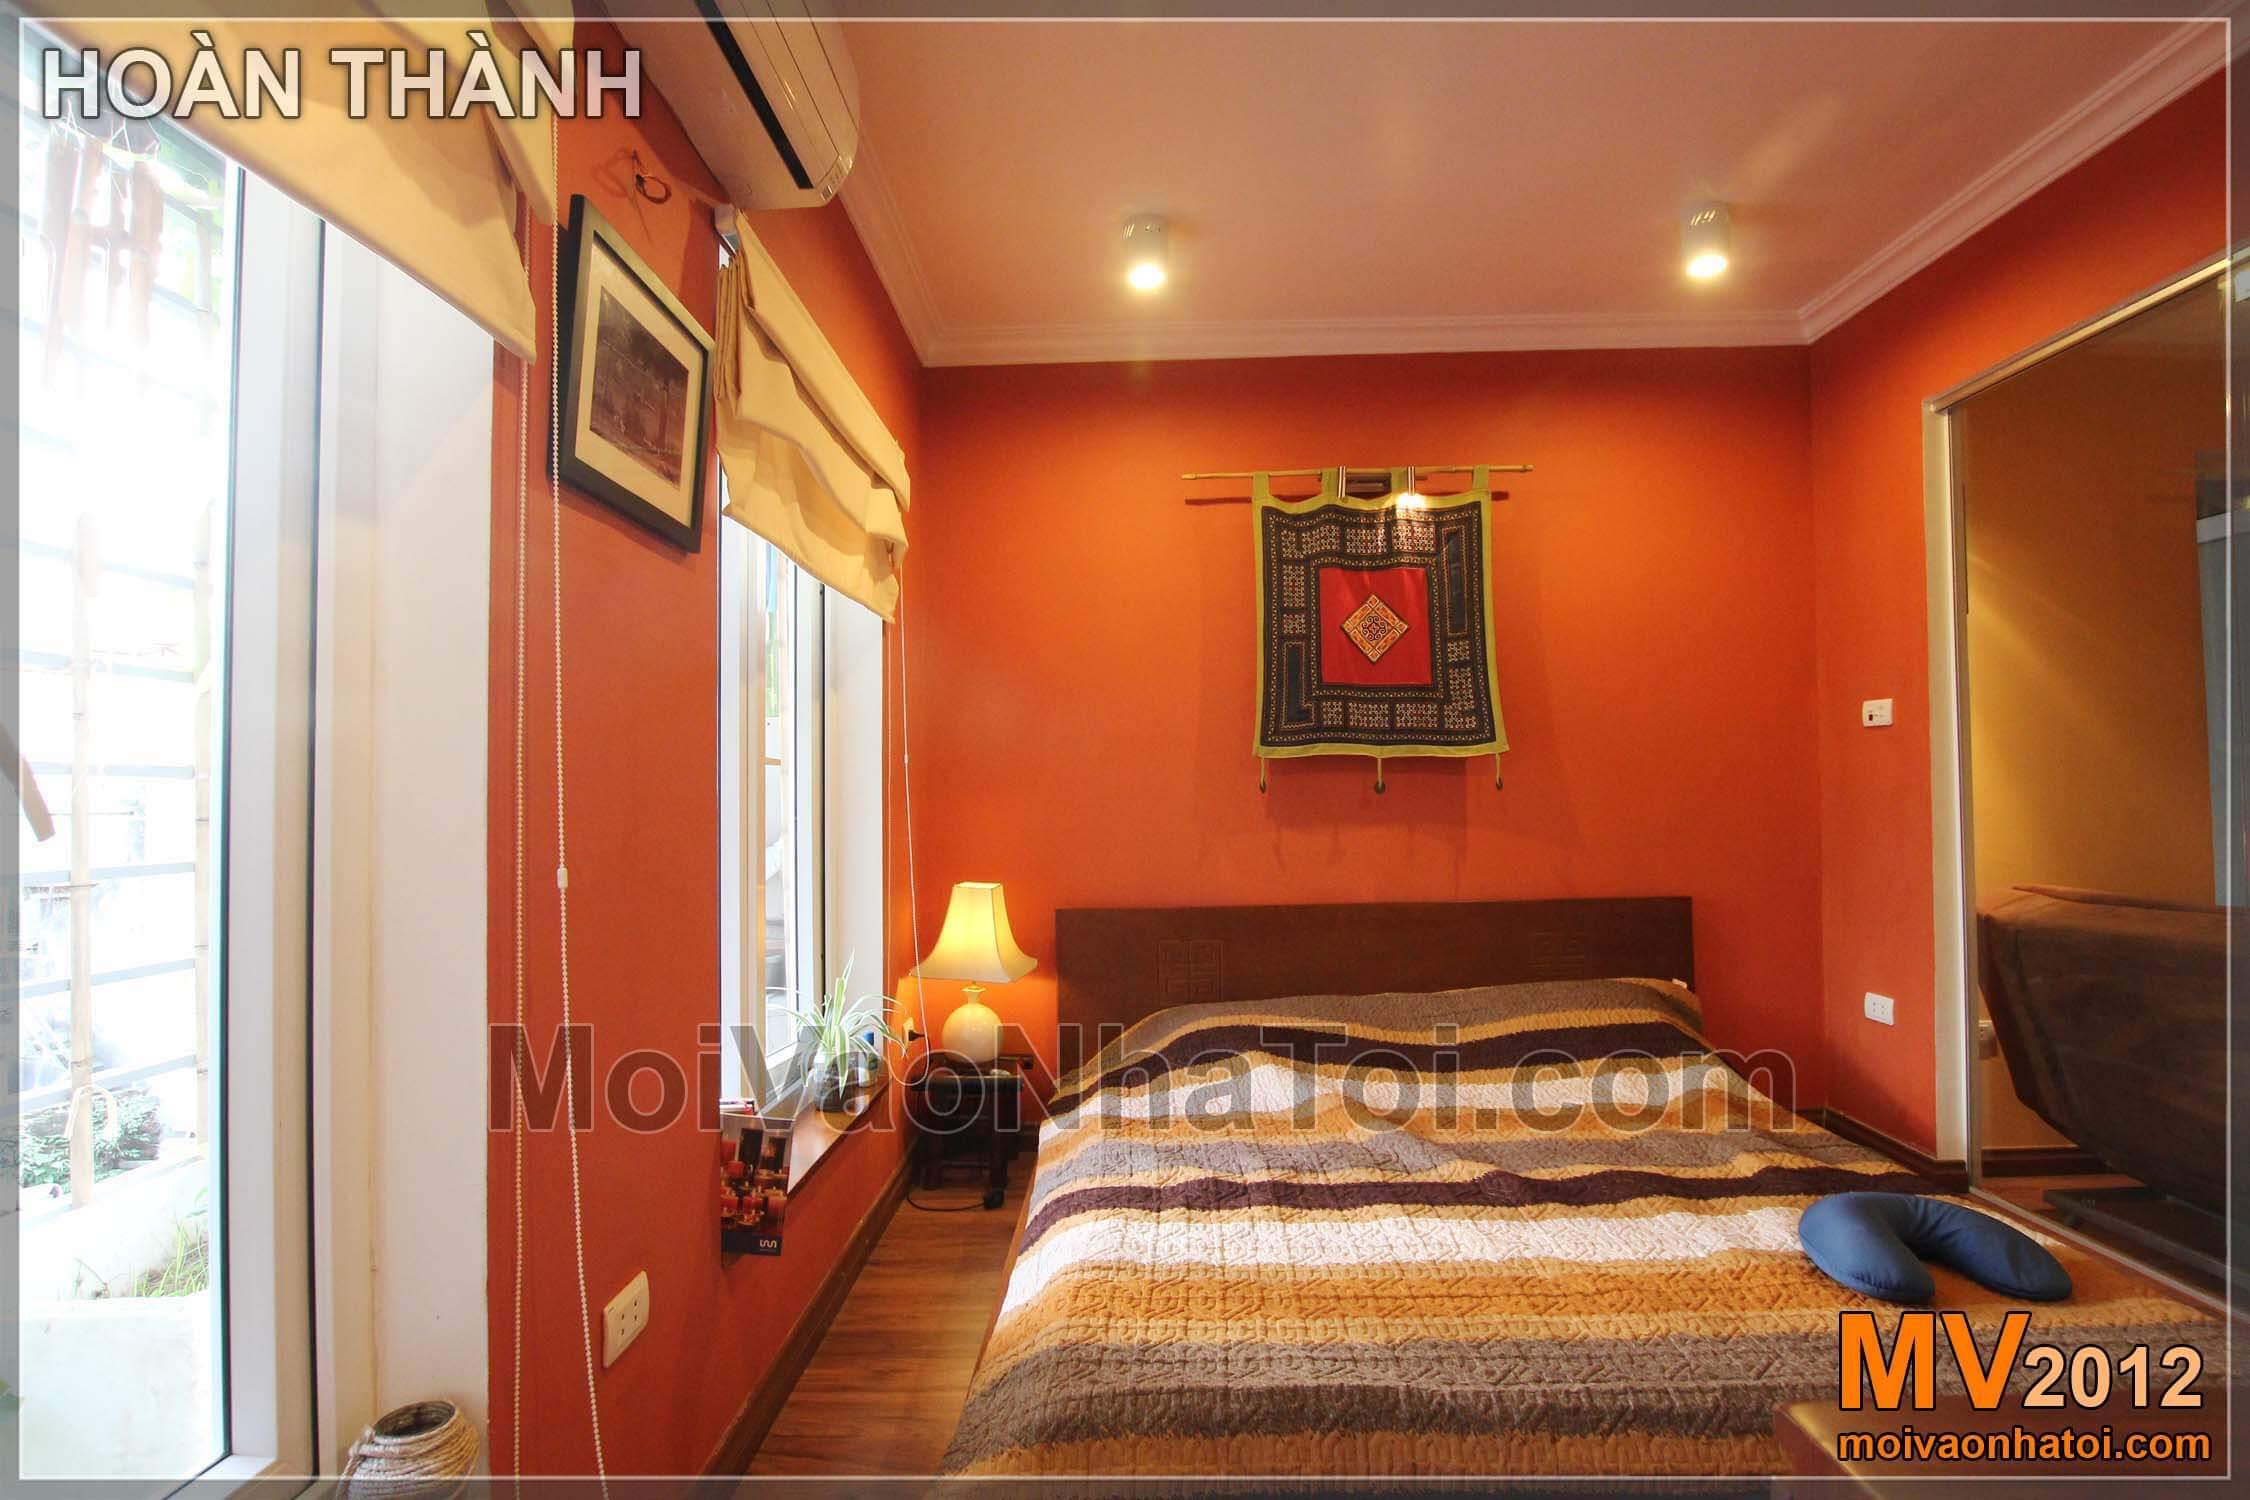 Phòng ngủ đẹp - Một góc đầu giường - Trước và sau khi cải tạo nhà tập thể